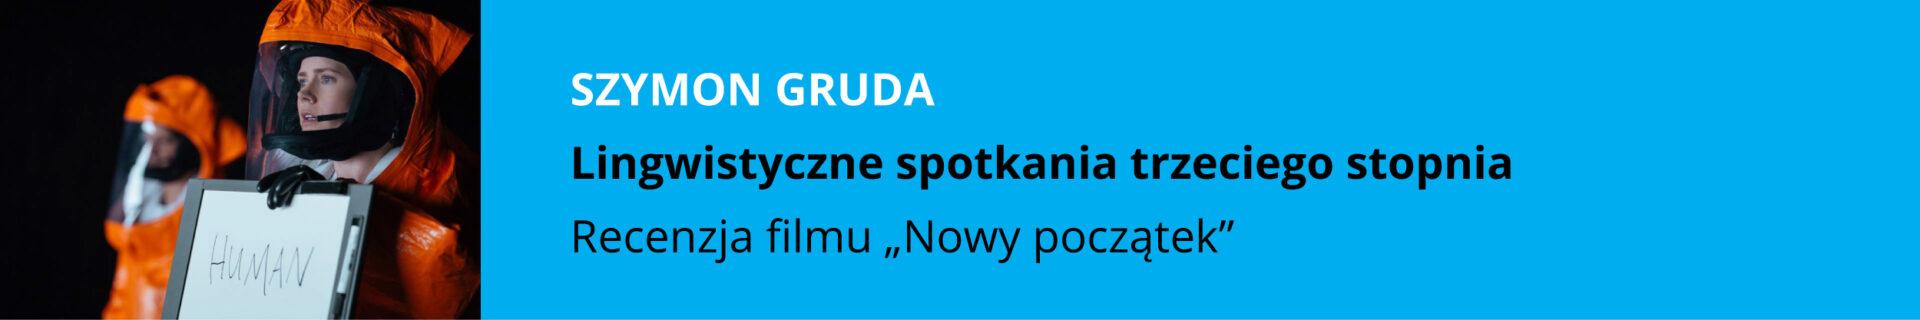 baner_Nowy poczatek